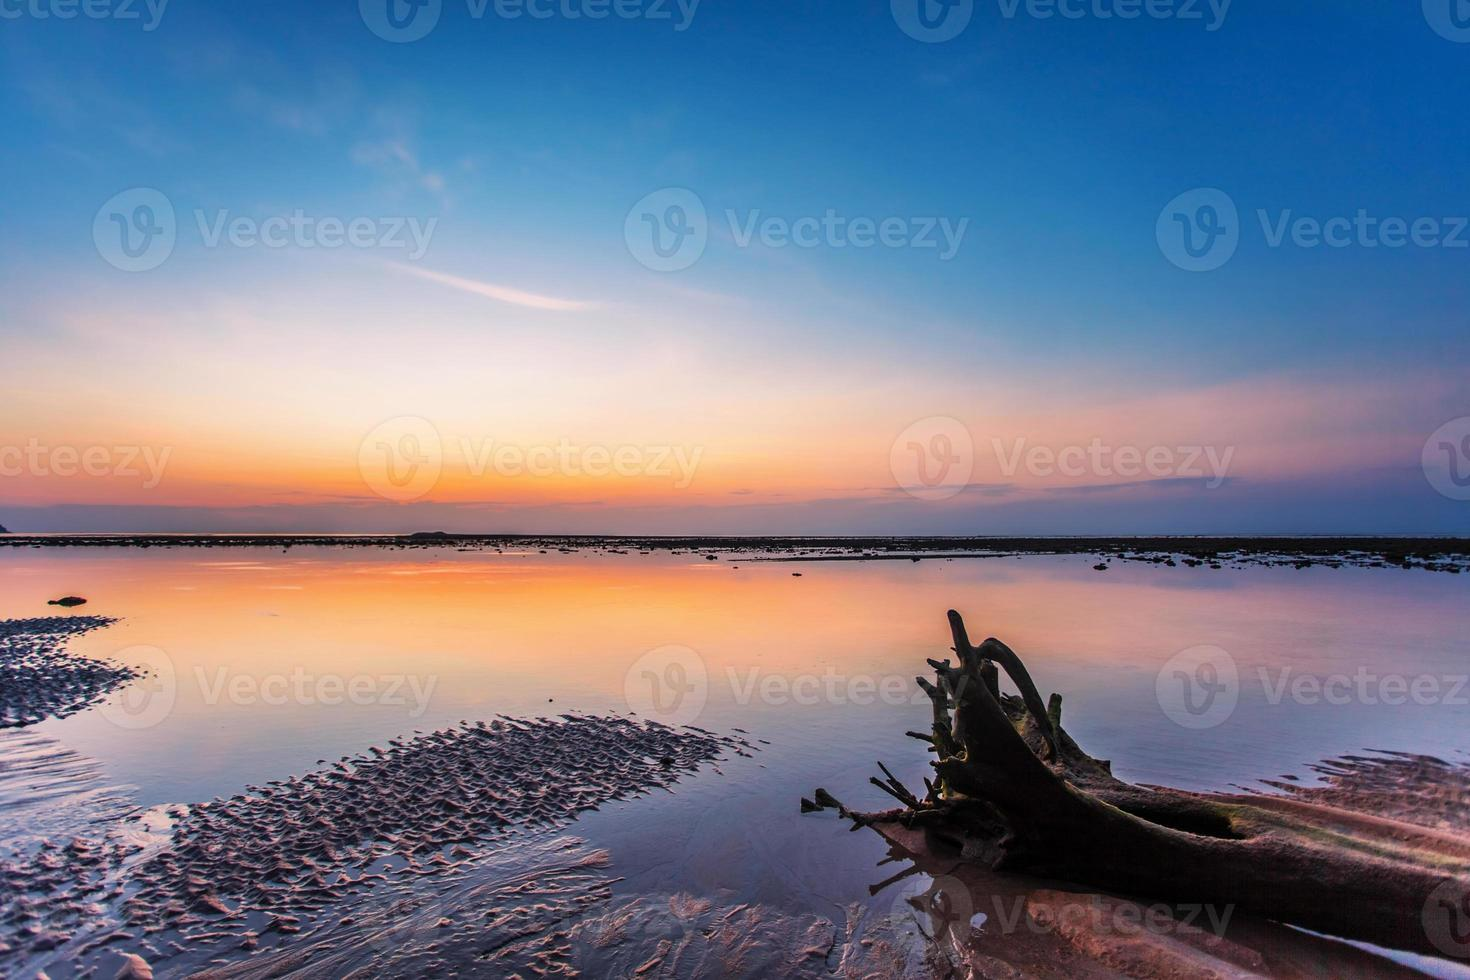 Tronco de árbol muerto en la playa tropical foto